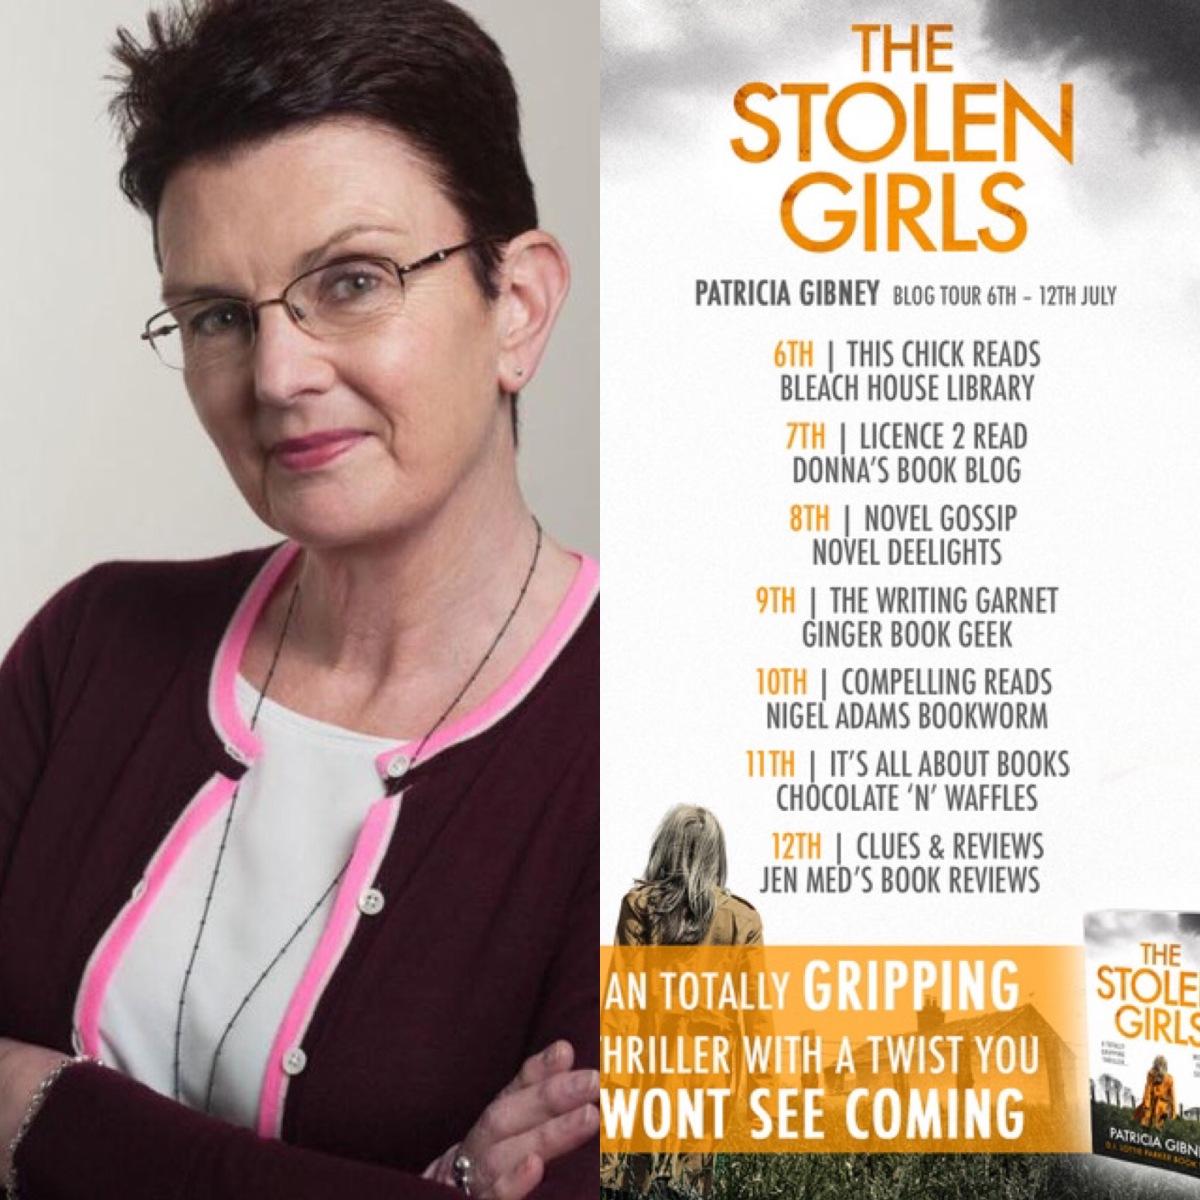 The Stolen Girls BlogTour